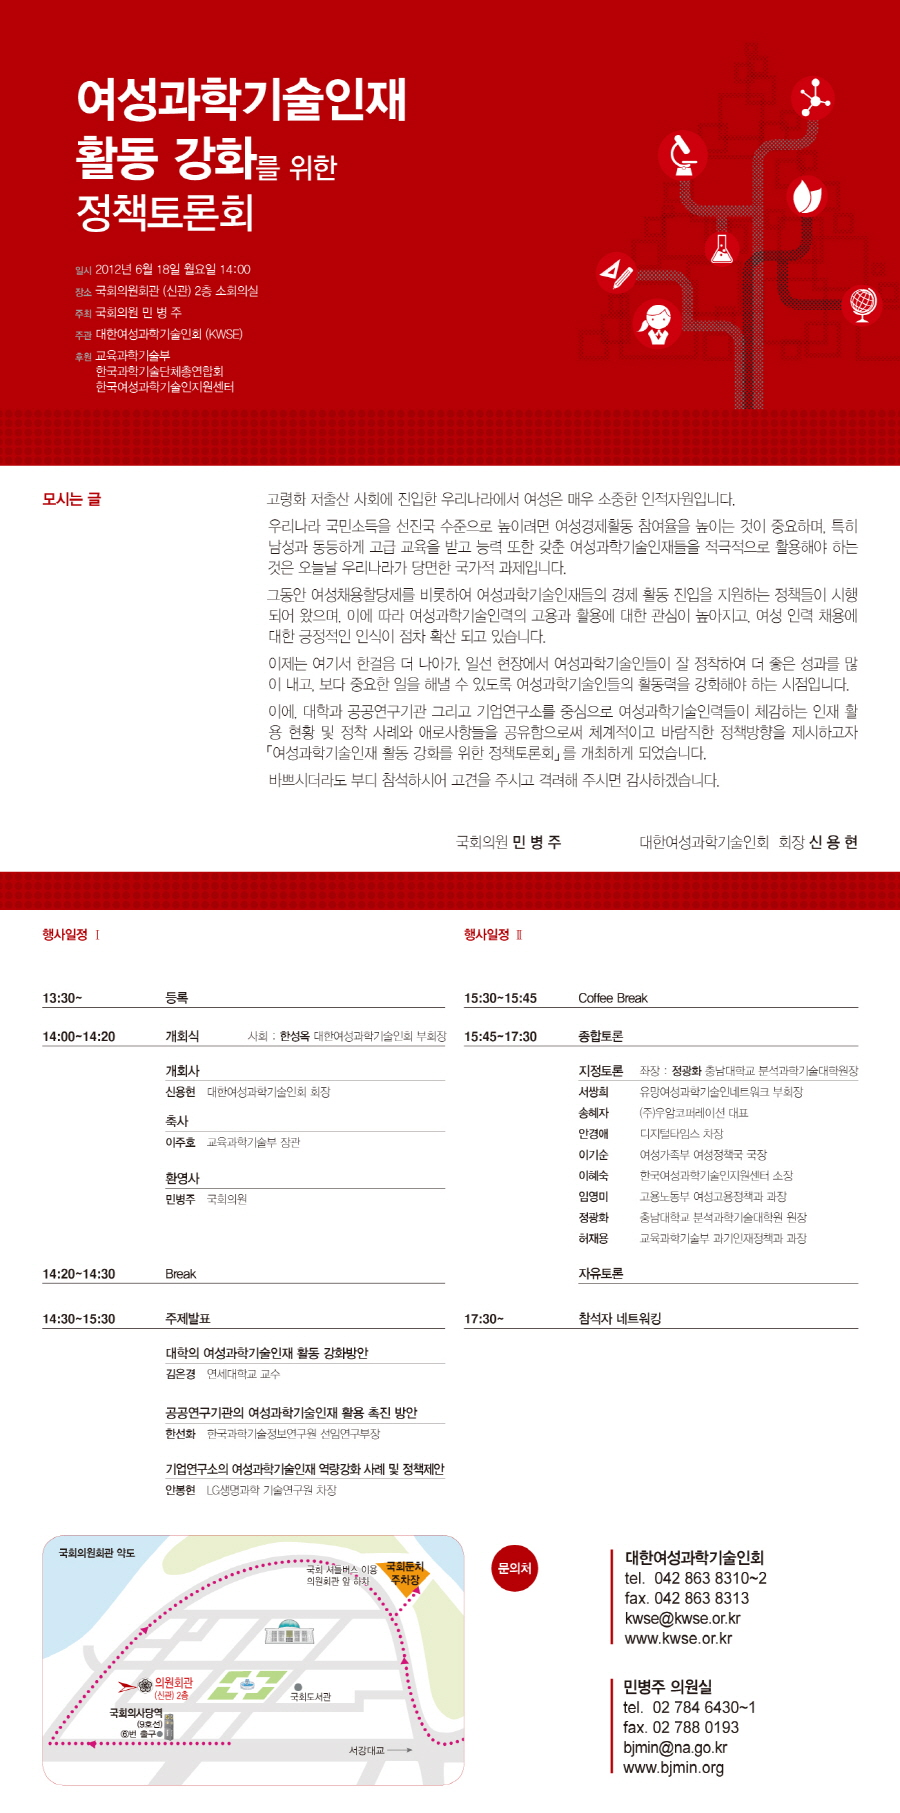 크기변환_0618정책토론회 웹초청장-Final.jpg